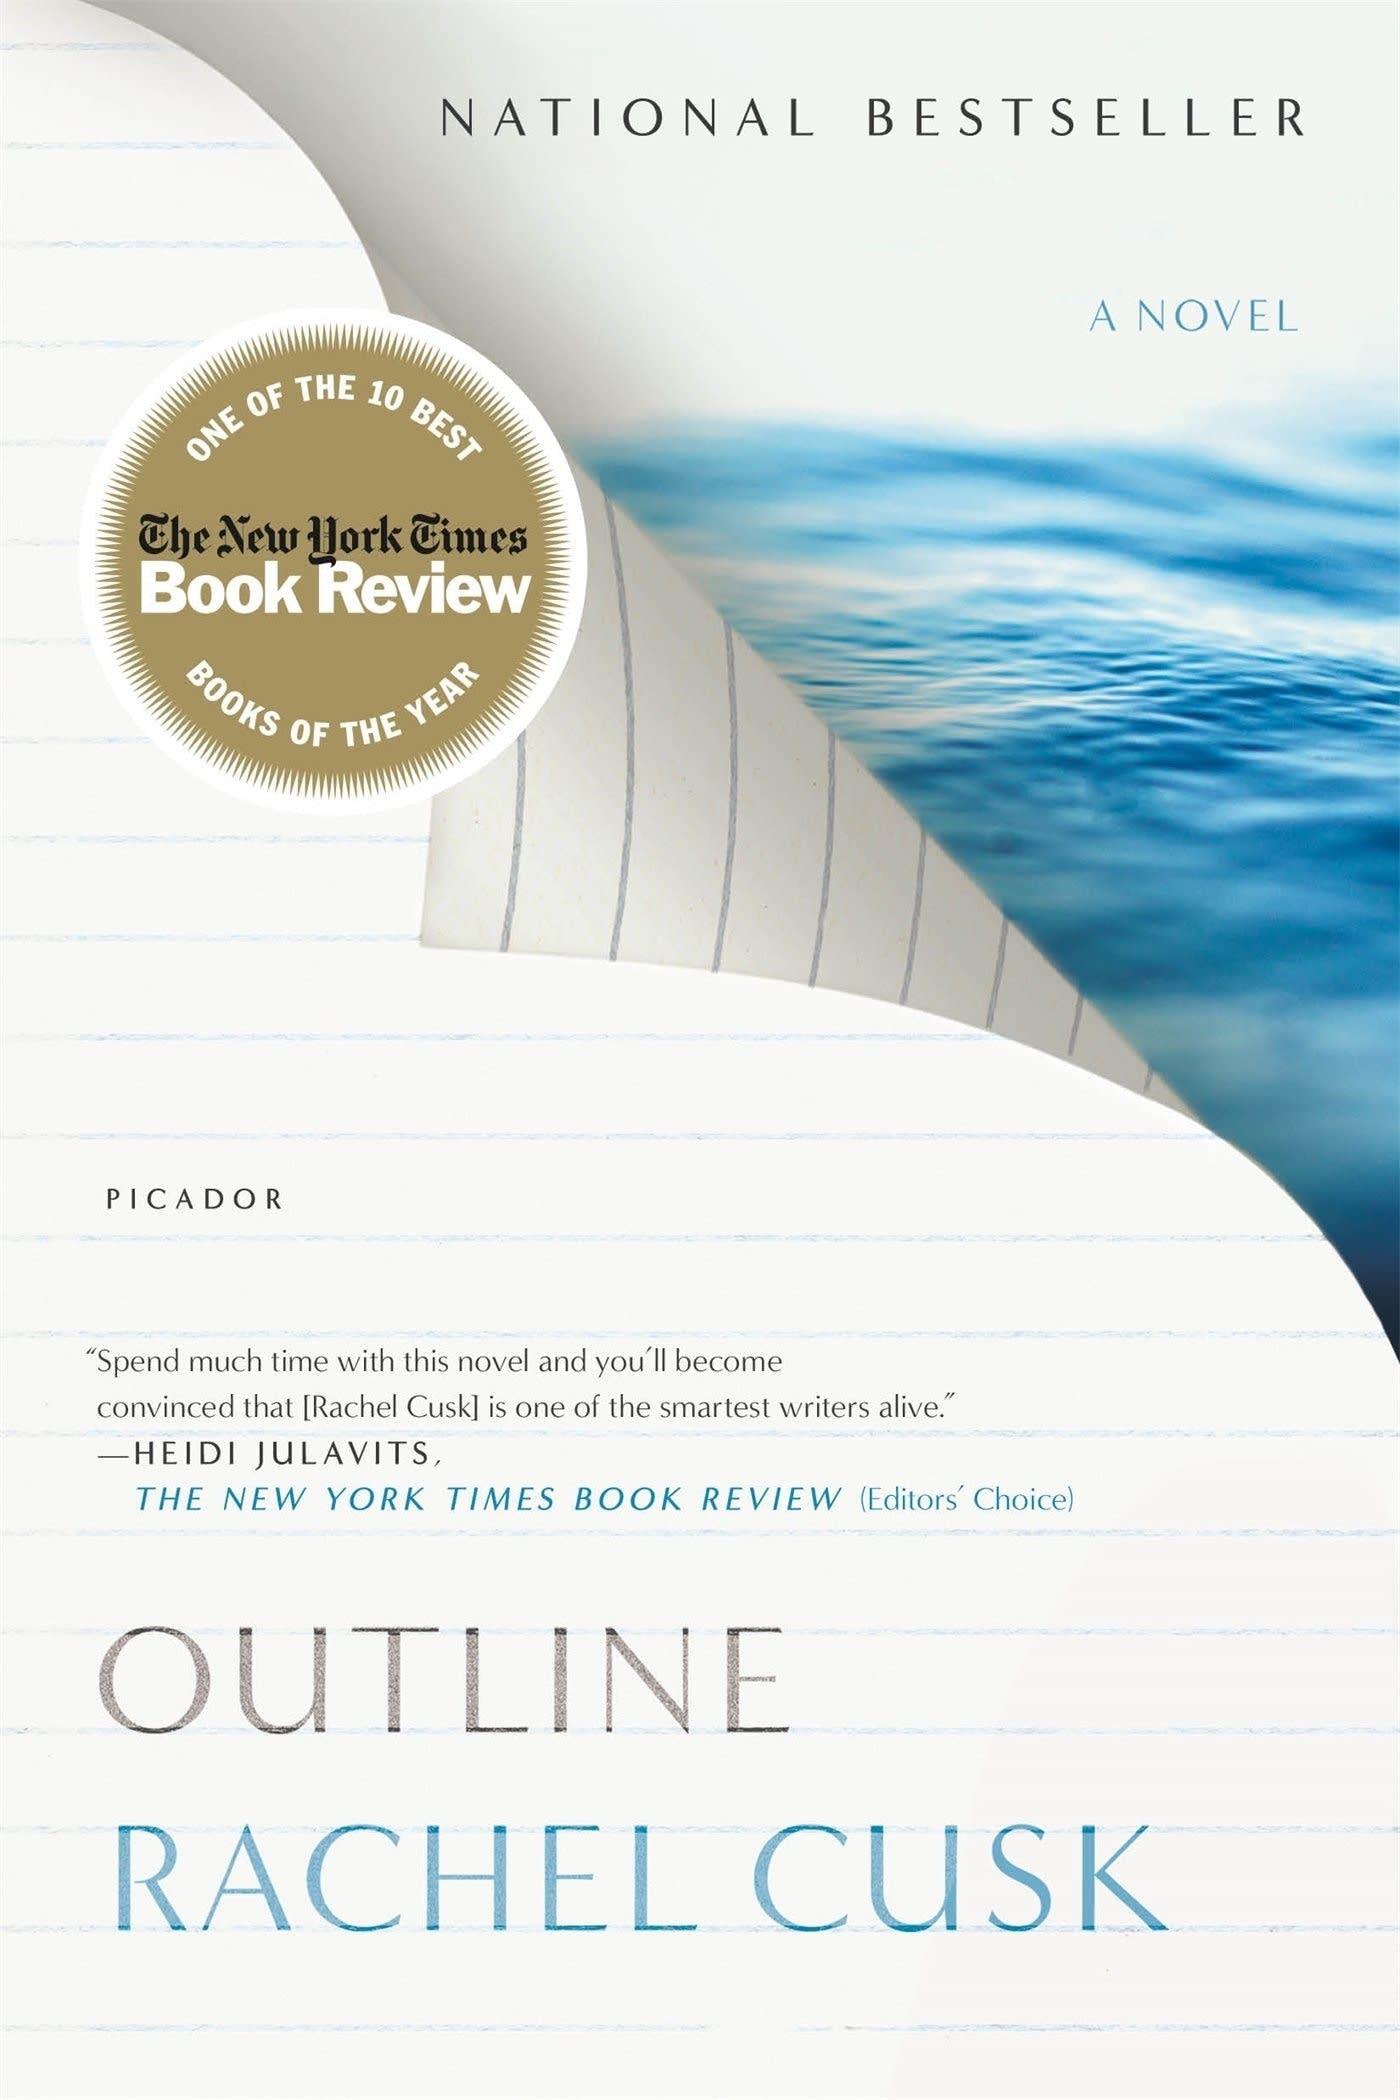 'Outline' by Rachel Cusk